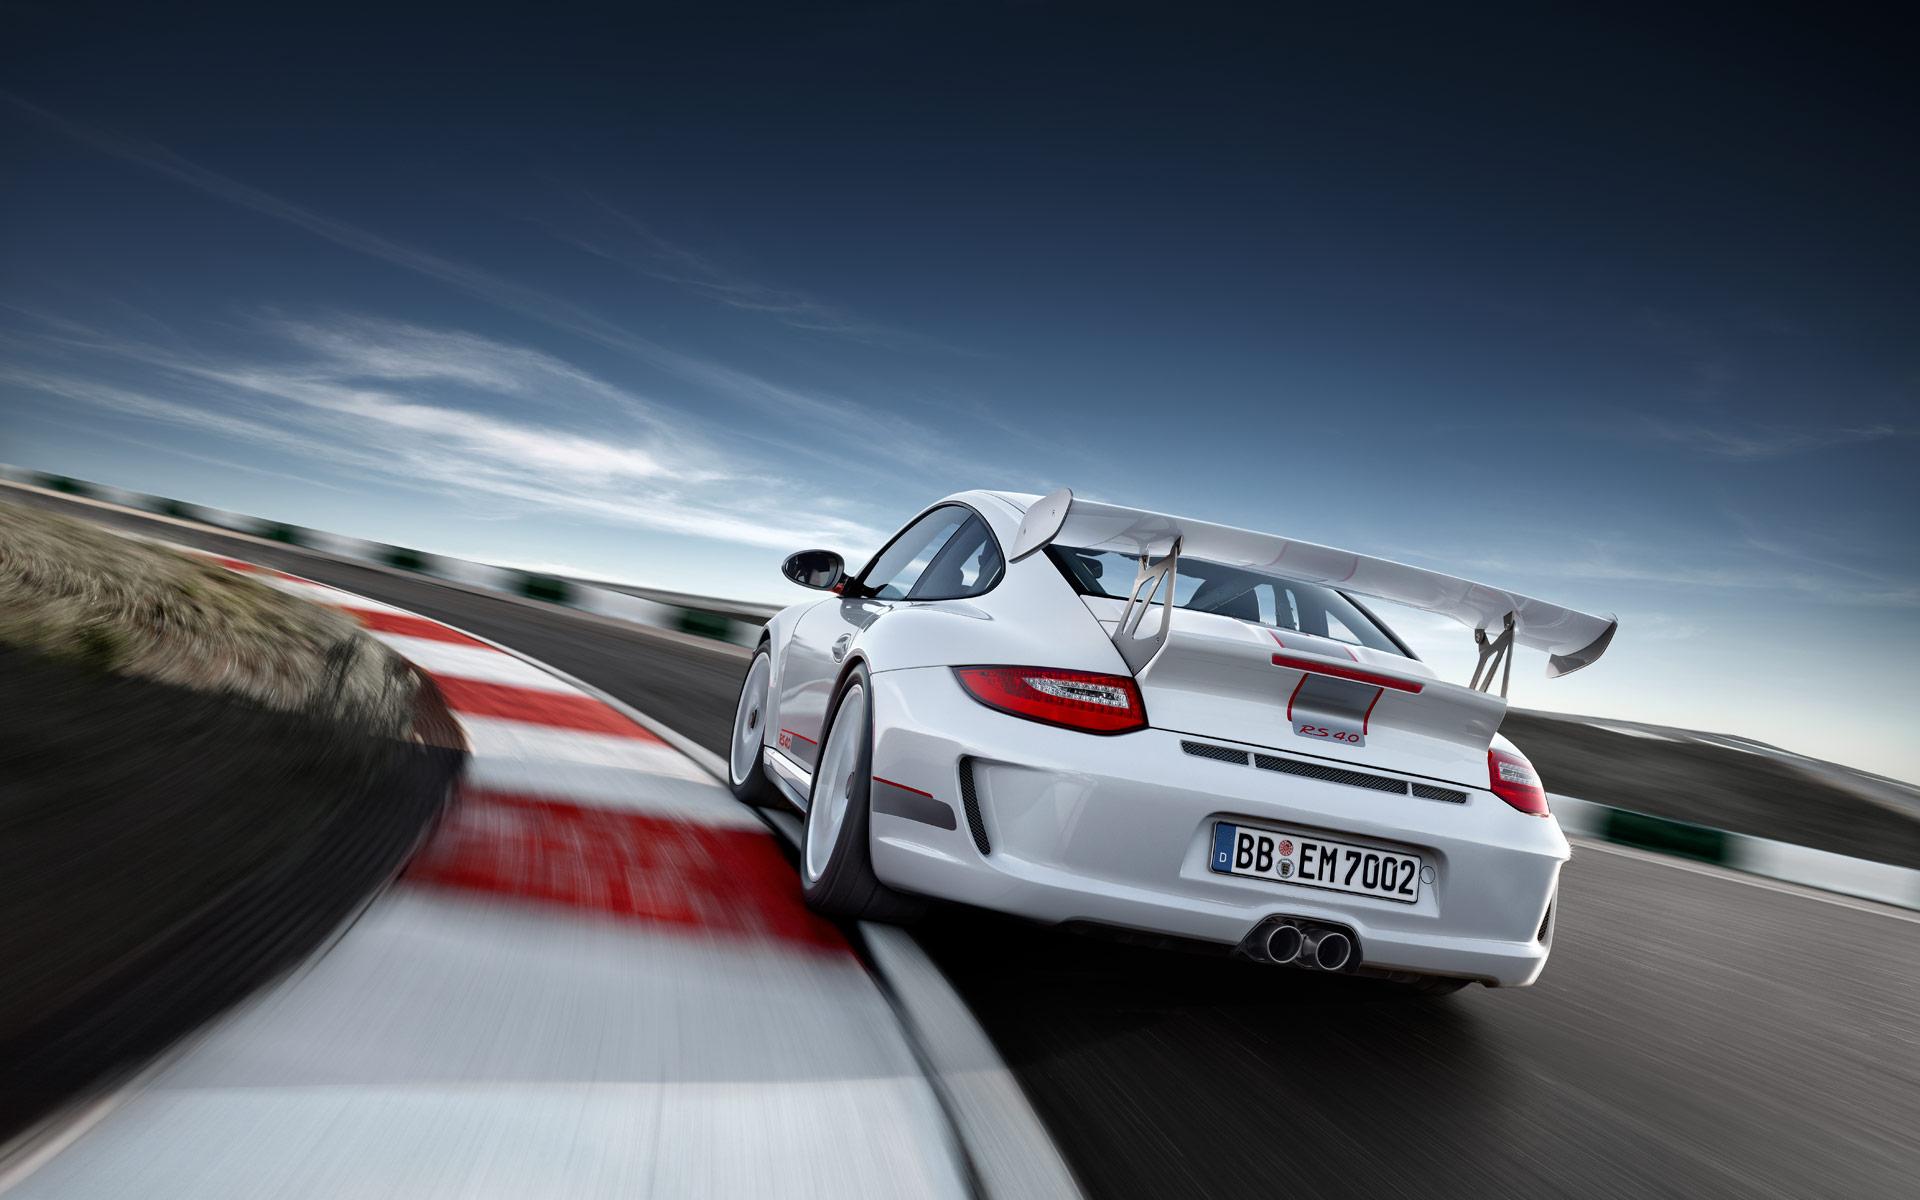 RS 4 0 Vinyl Stripes - 6SpeedOnline - Porsche Forum and